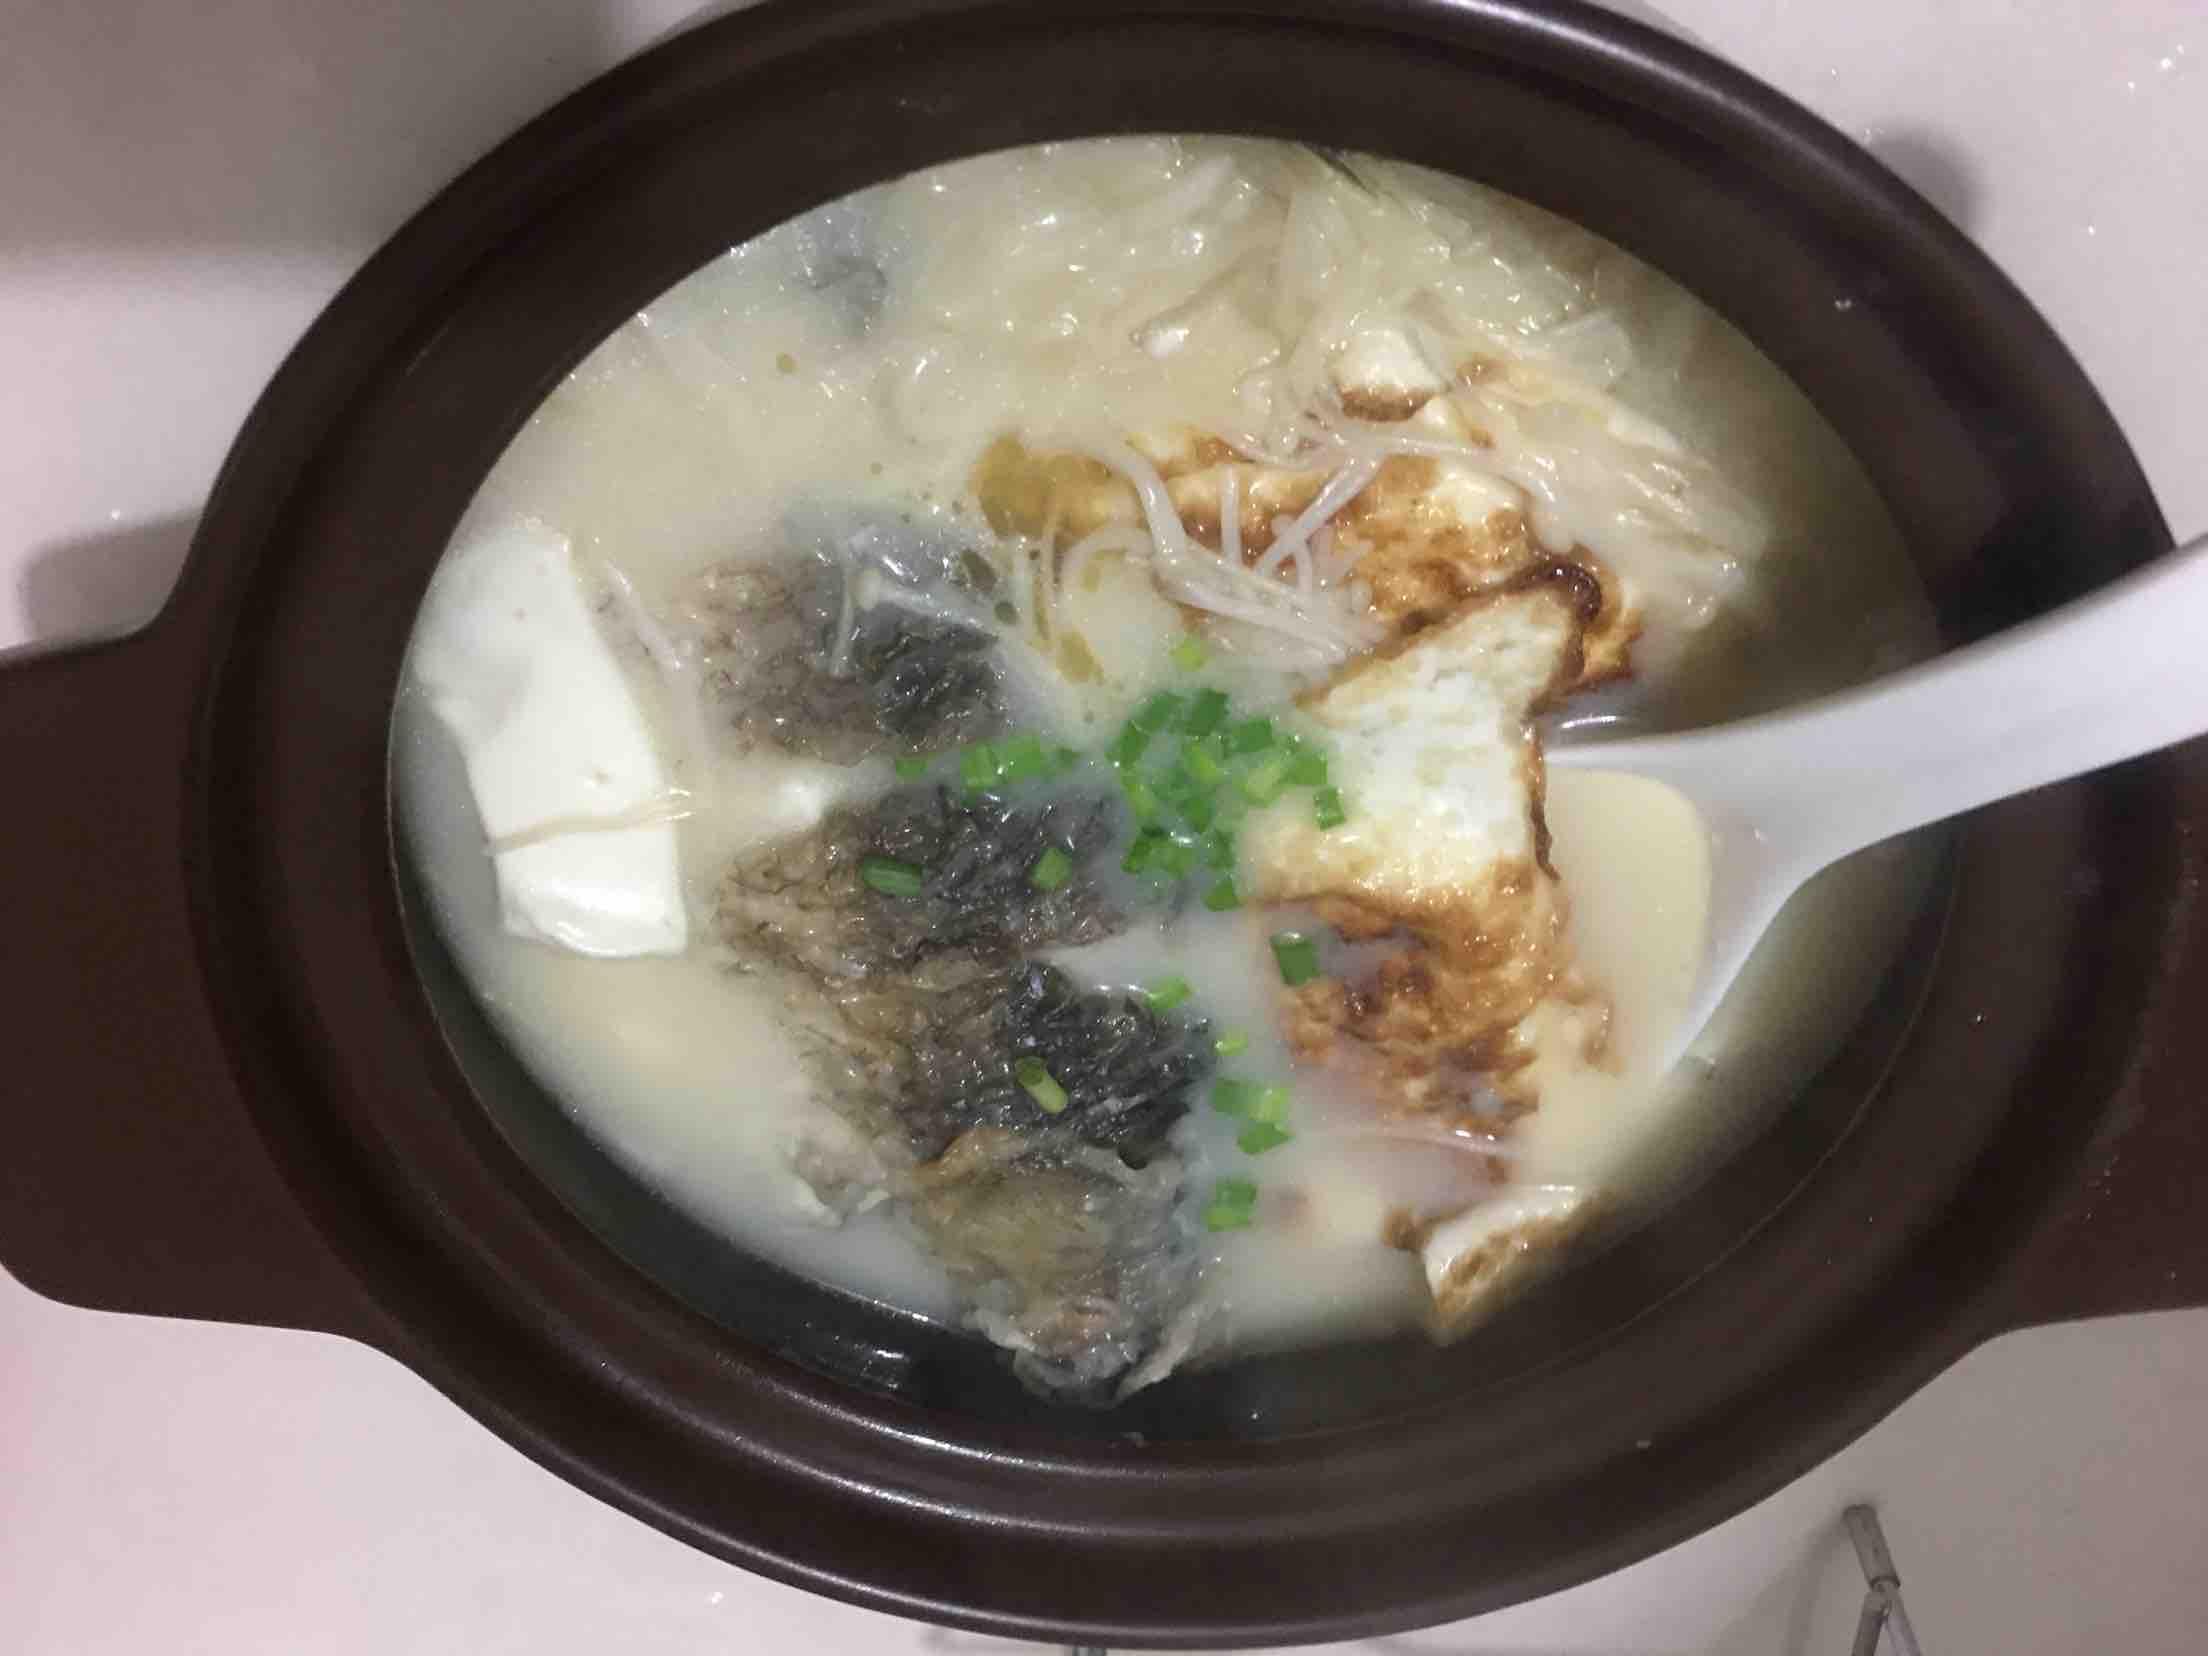 奶白鲫鱼汤成品图